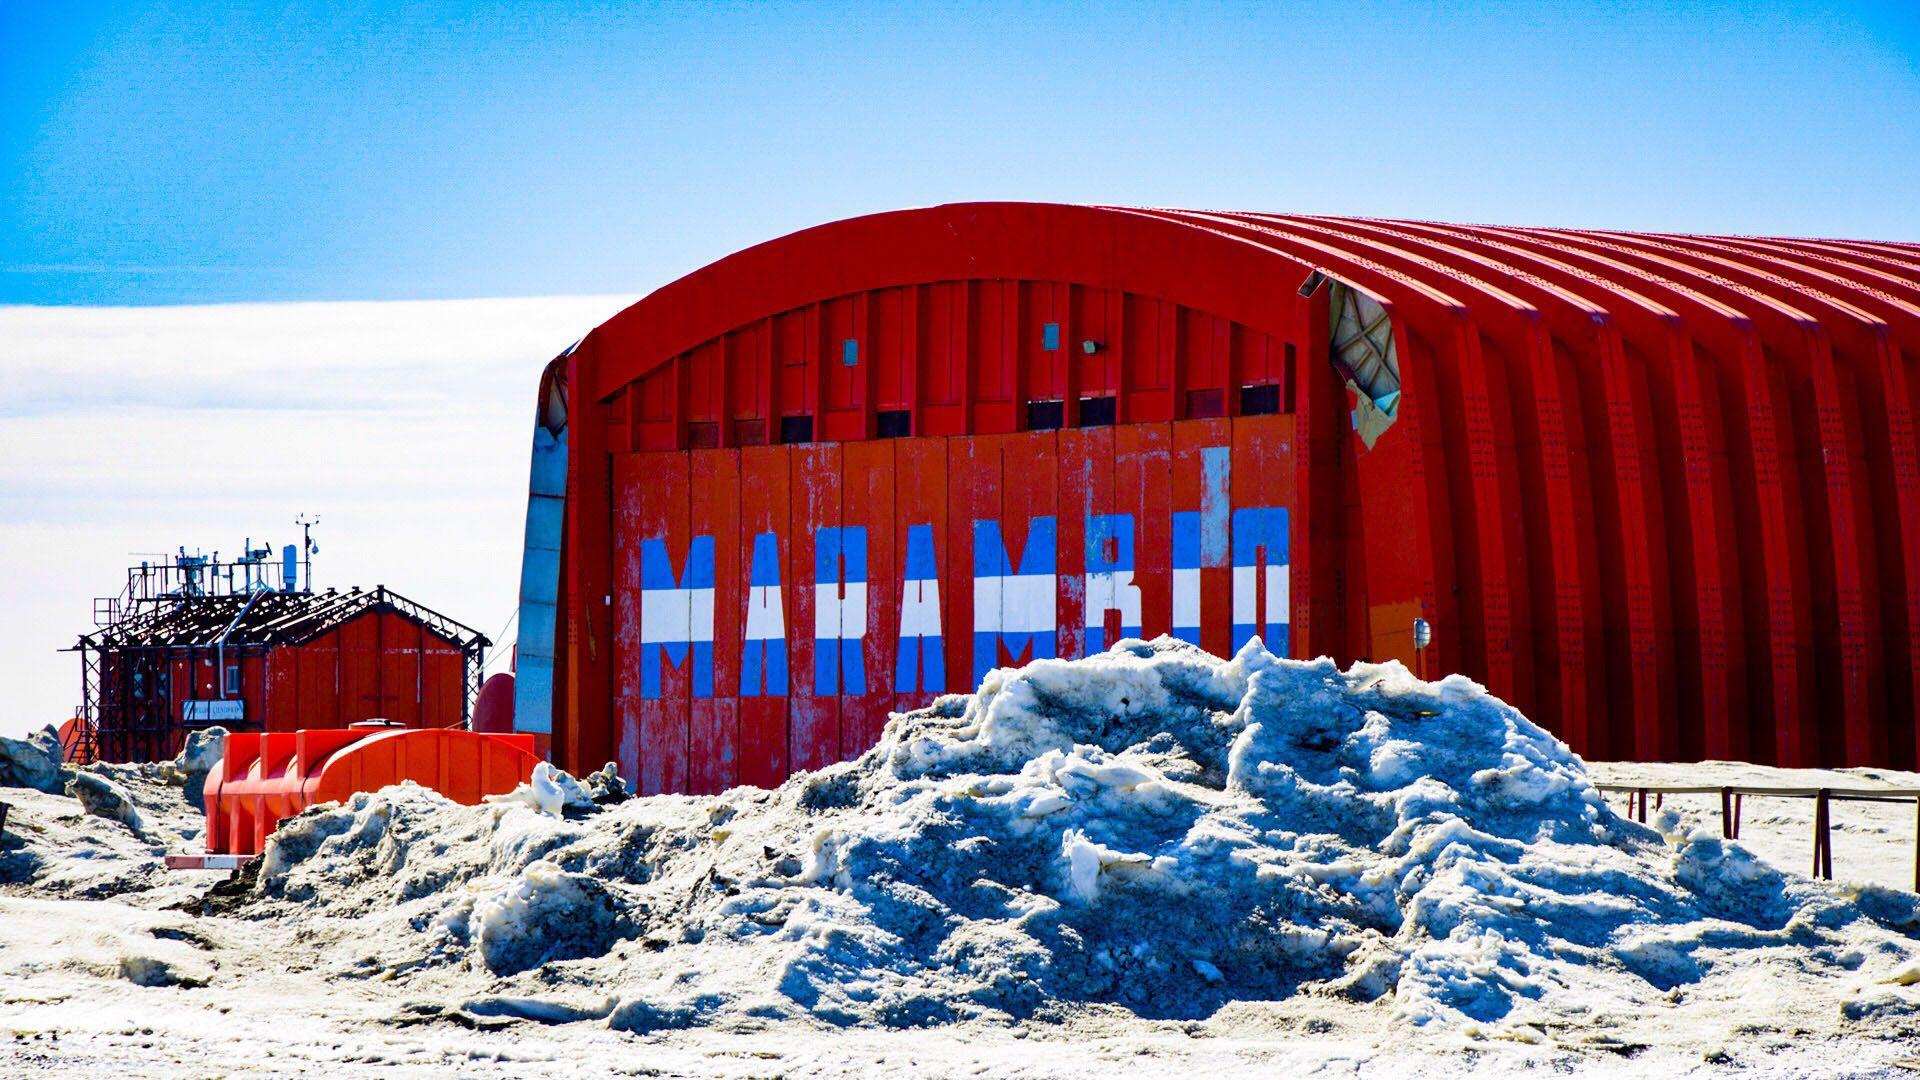 El hangar del avión Twin Otter, una postal de la base argentina Marambio, ubicada en la península antártica (Foto: Thomas Kazki)